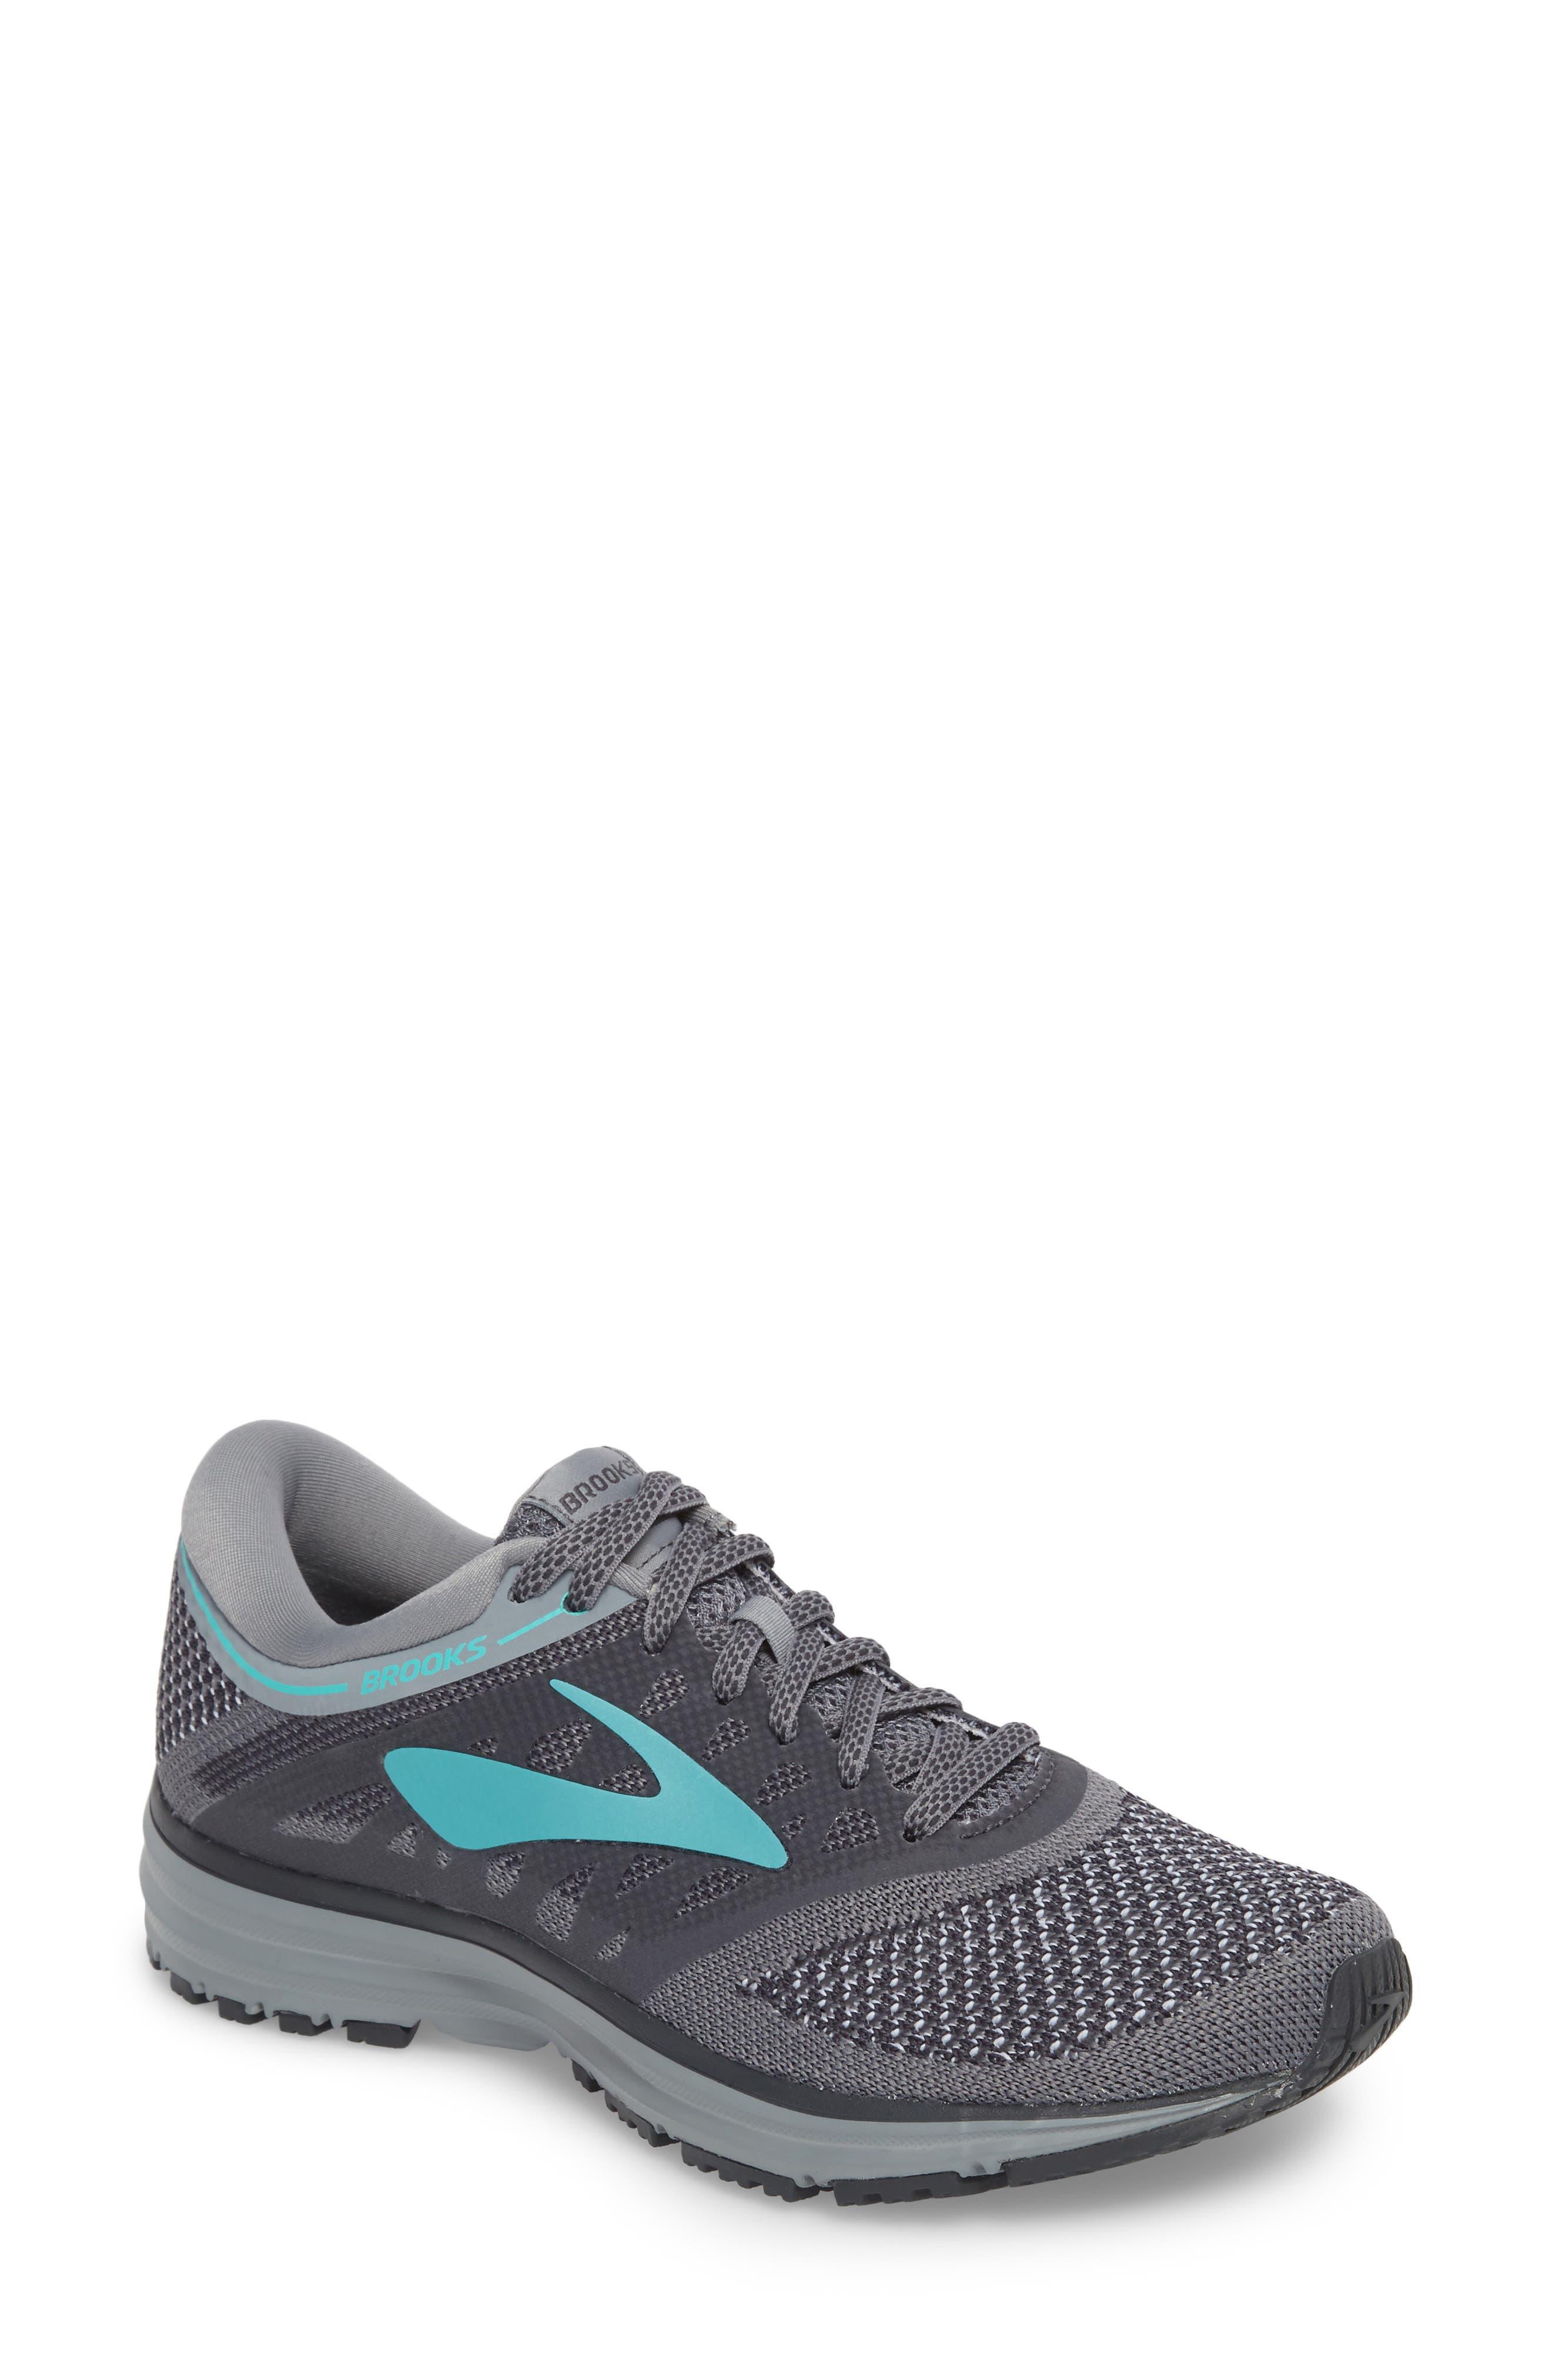 Revel Running Shoe,                         Main,                         color, 037